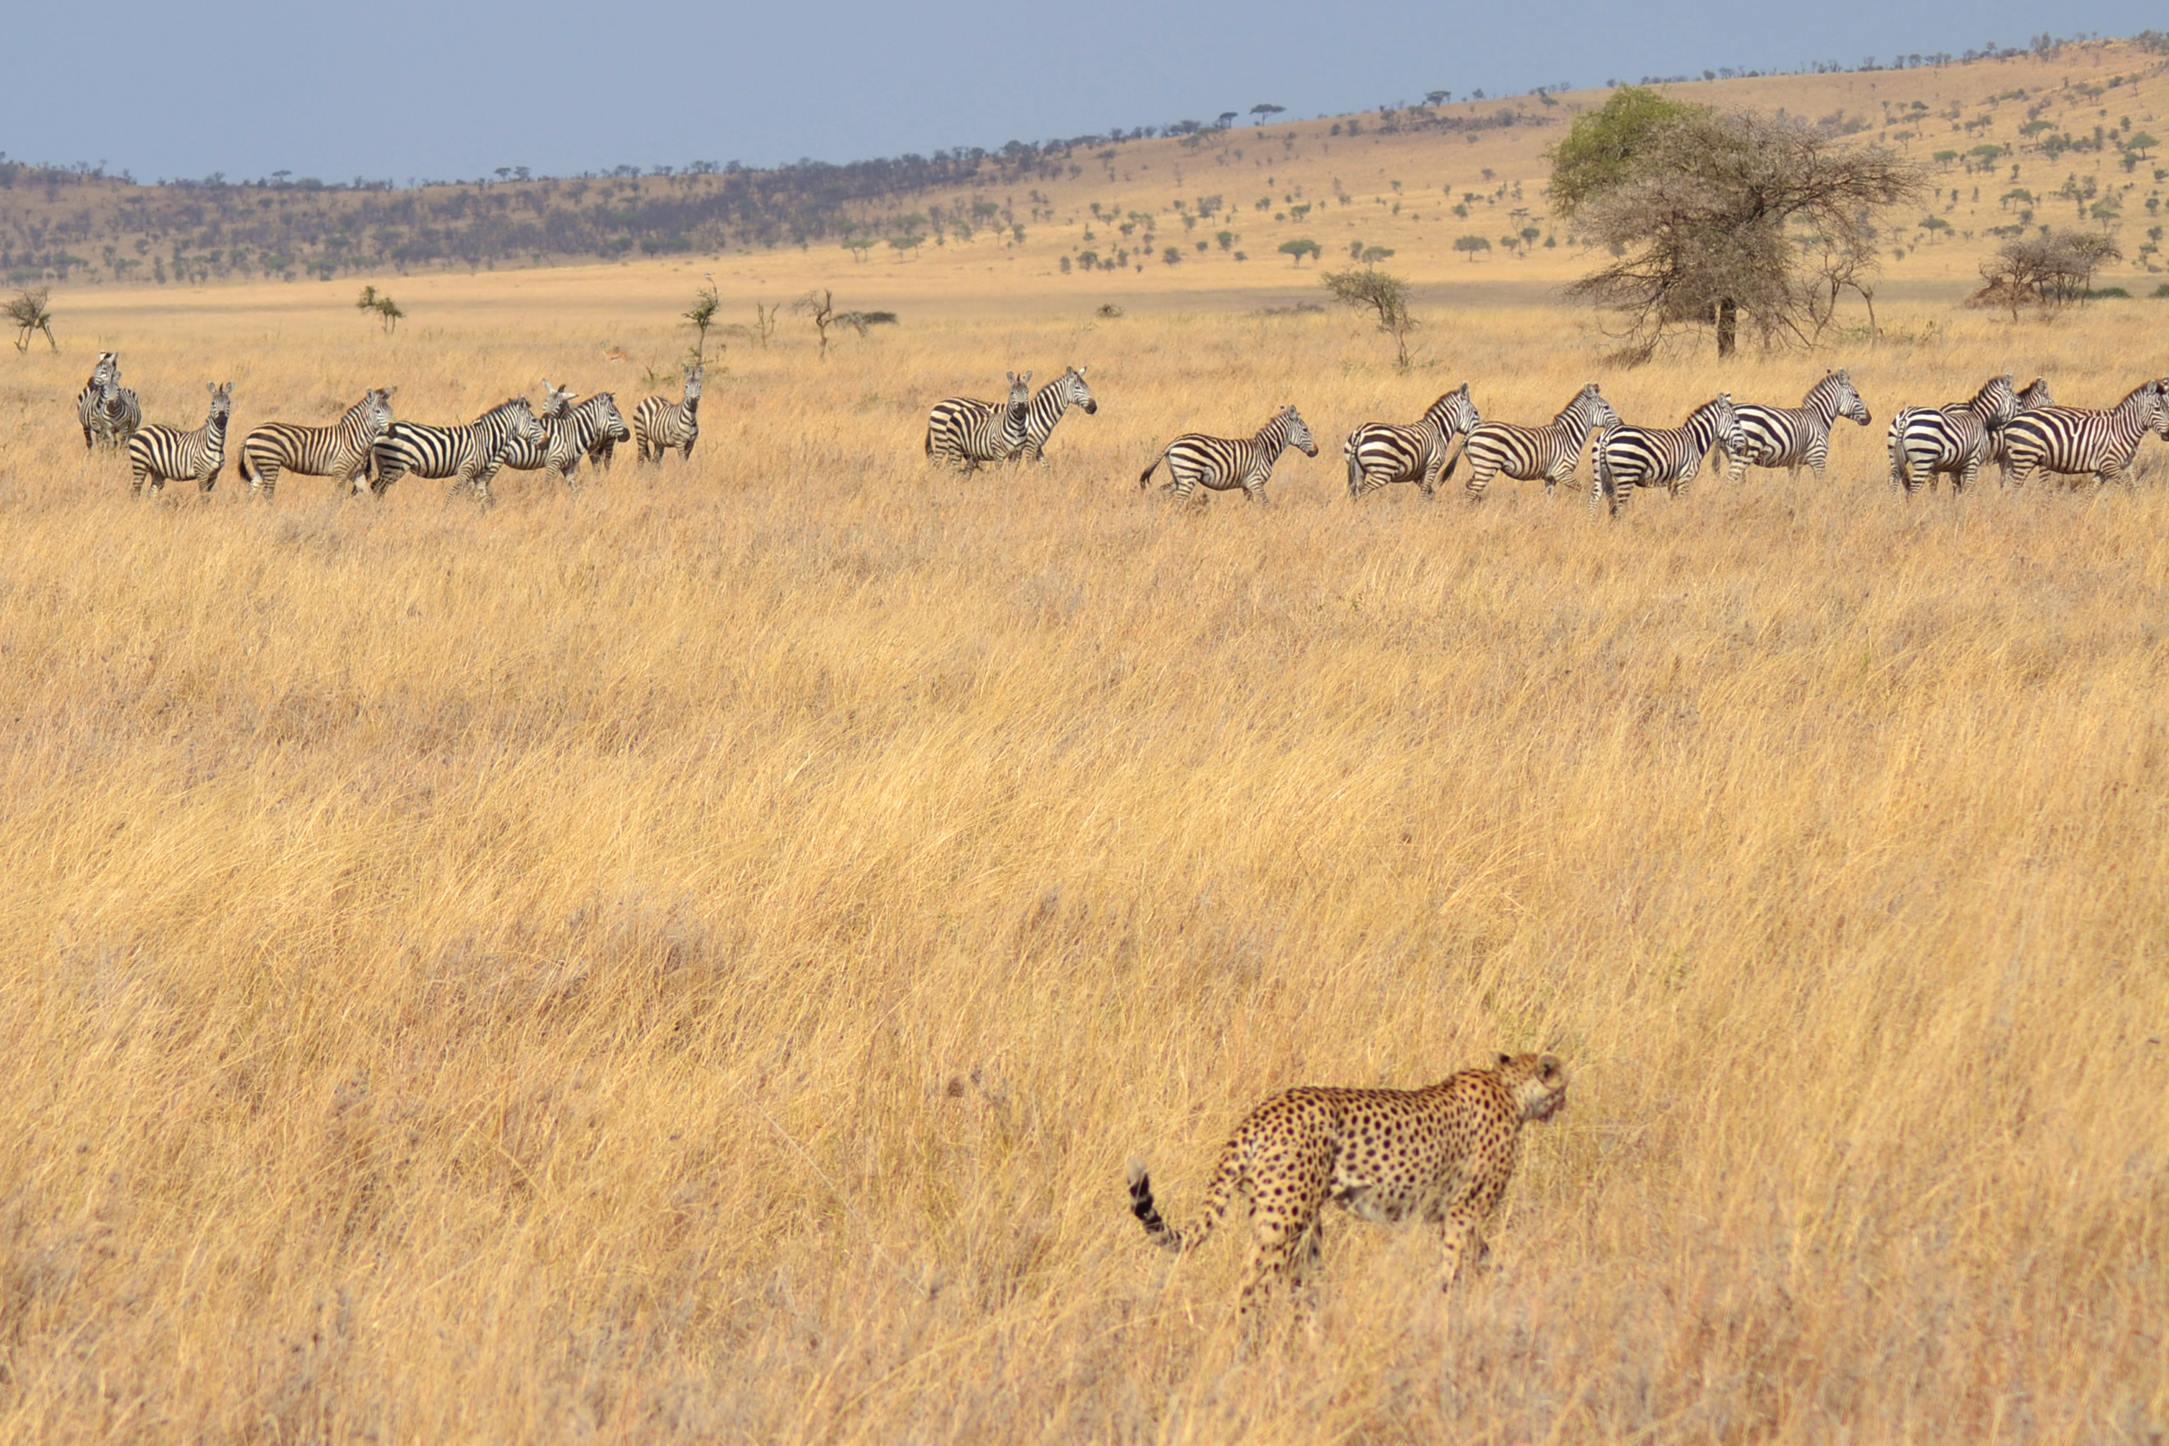 safari_tanzania_serengeti_7